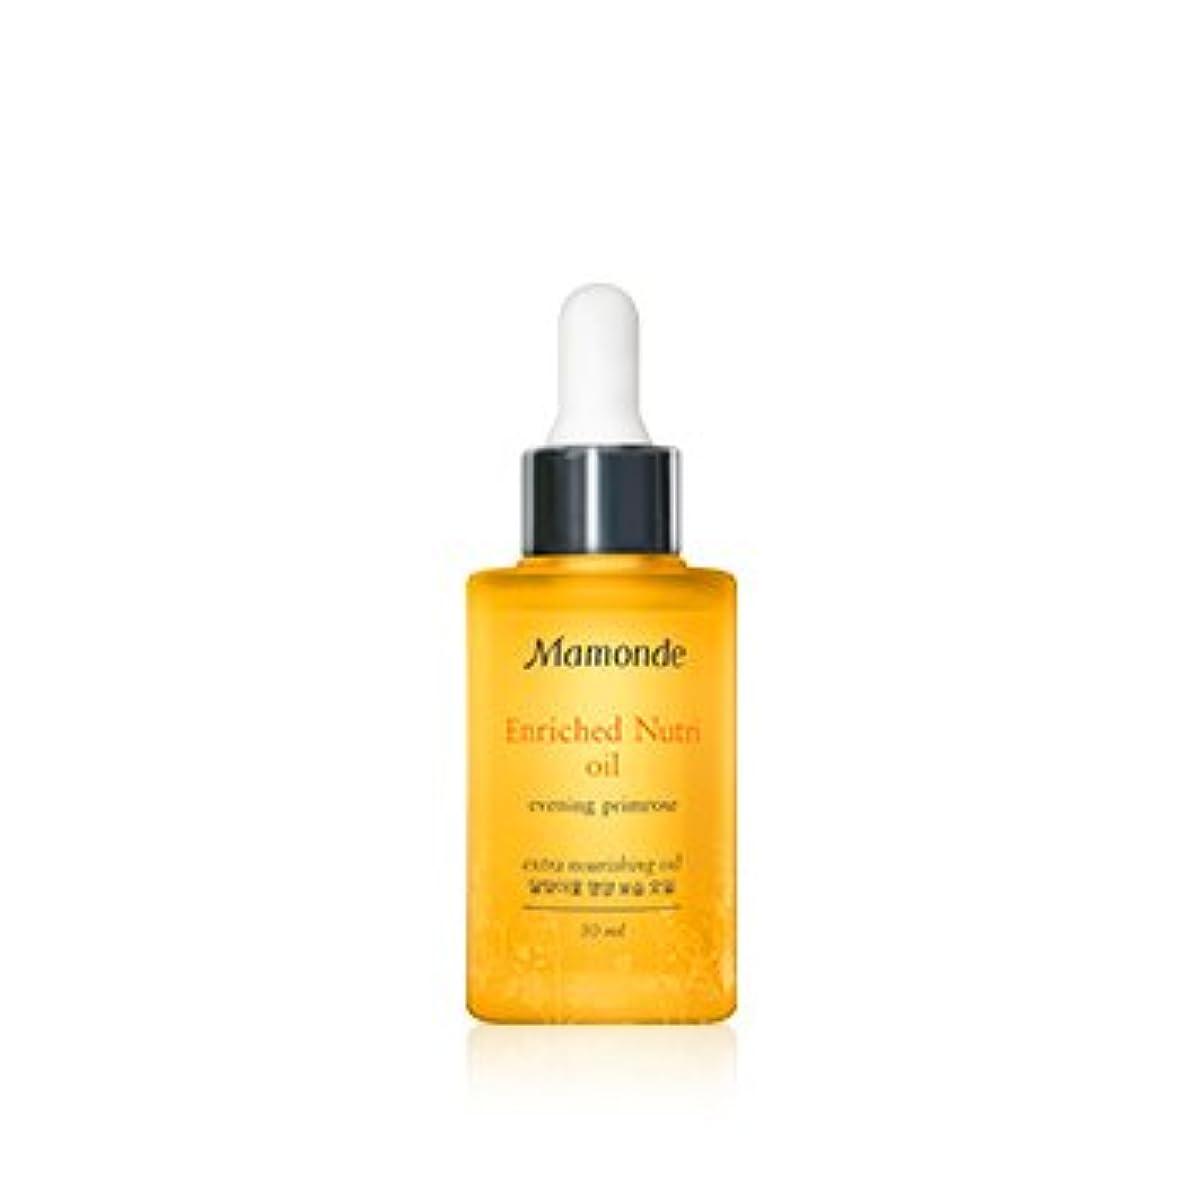 バーゲンどれでも感度[New] Mamonde Enriched Nutri Oil 30ml/マモンド エンリッチド ニュートリ オイル 30ml [並行輸入品]